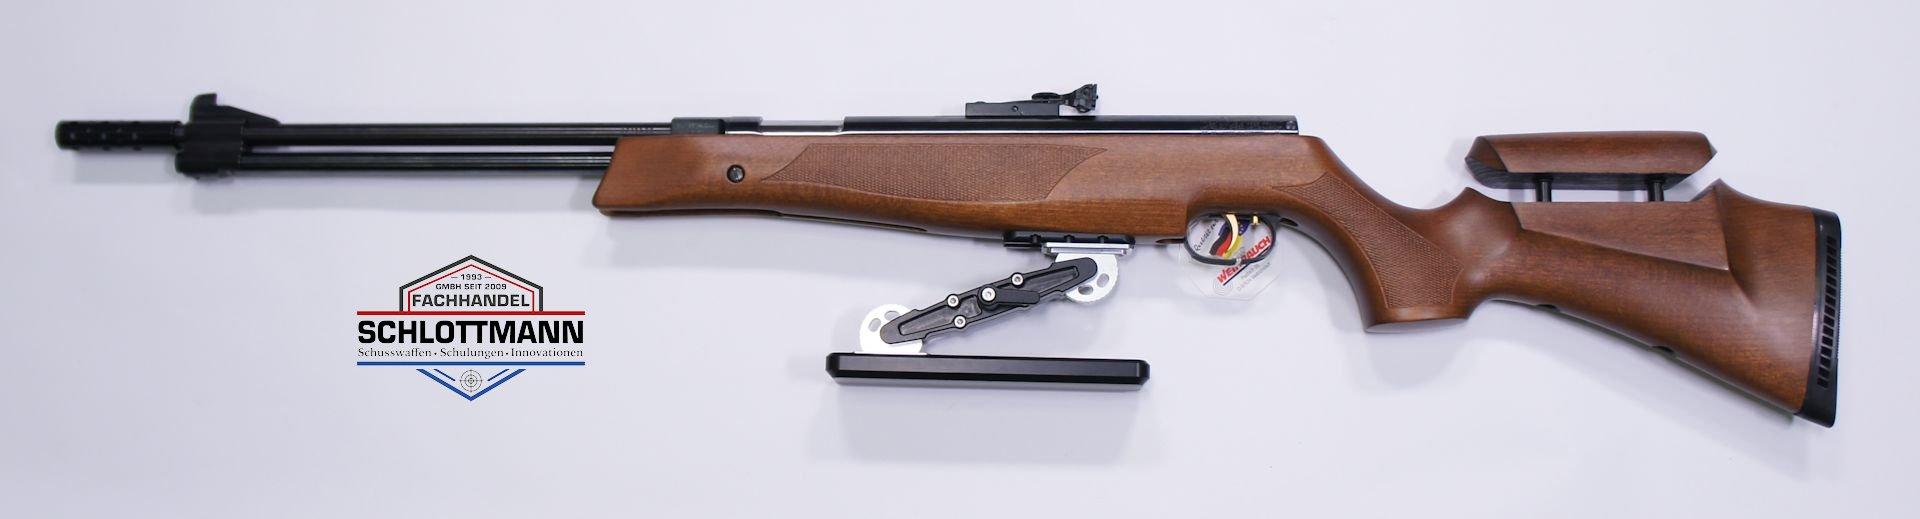 Montagebeispiel am Luftgewehr HW 77 K sd und mittes dieser UIT Schiene befestigtem <a href=1131630-K1.htm> Hamster </a>. Wer sich für eine UIT Schiene interesiert, sollte diesen <a href=1131630-K1.htm> Hamster </a>näher angeschaut haben. Der wurde von einem FT Schützen für Schützen entwickelt und hergestellt. Gegen Aufpreis können die Waffen so konfiguriert werden.